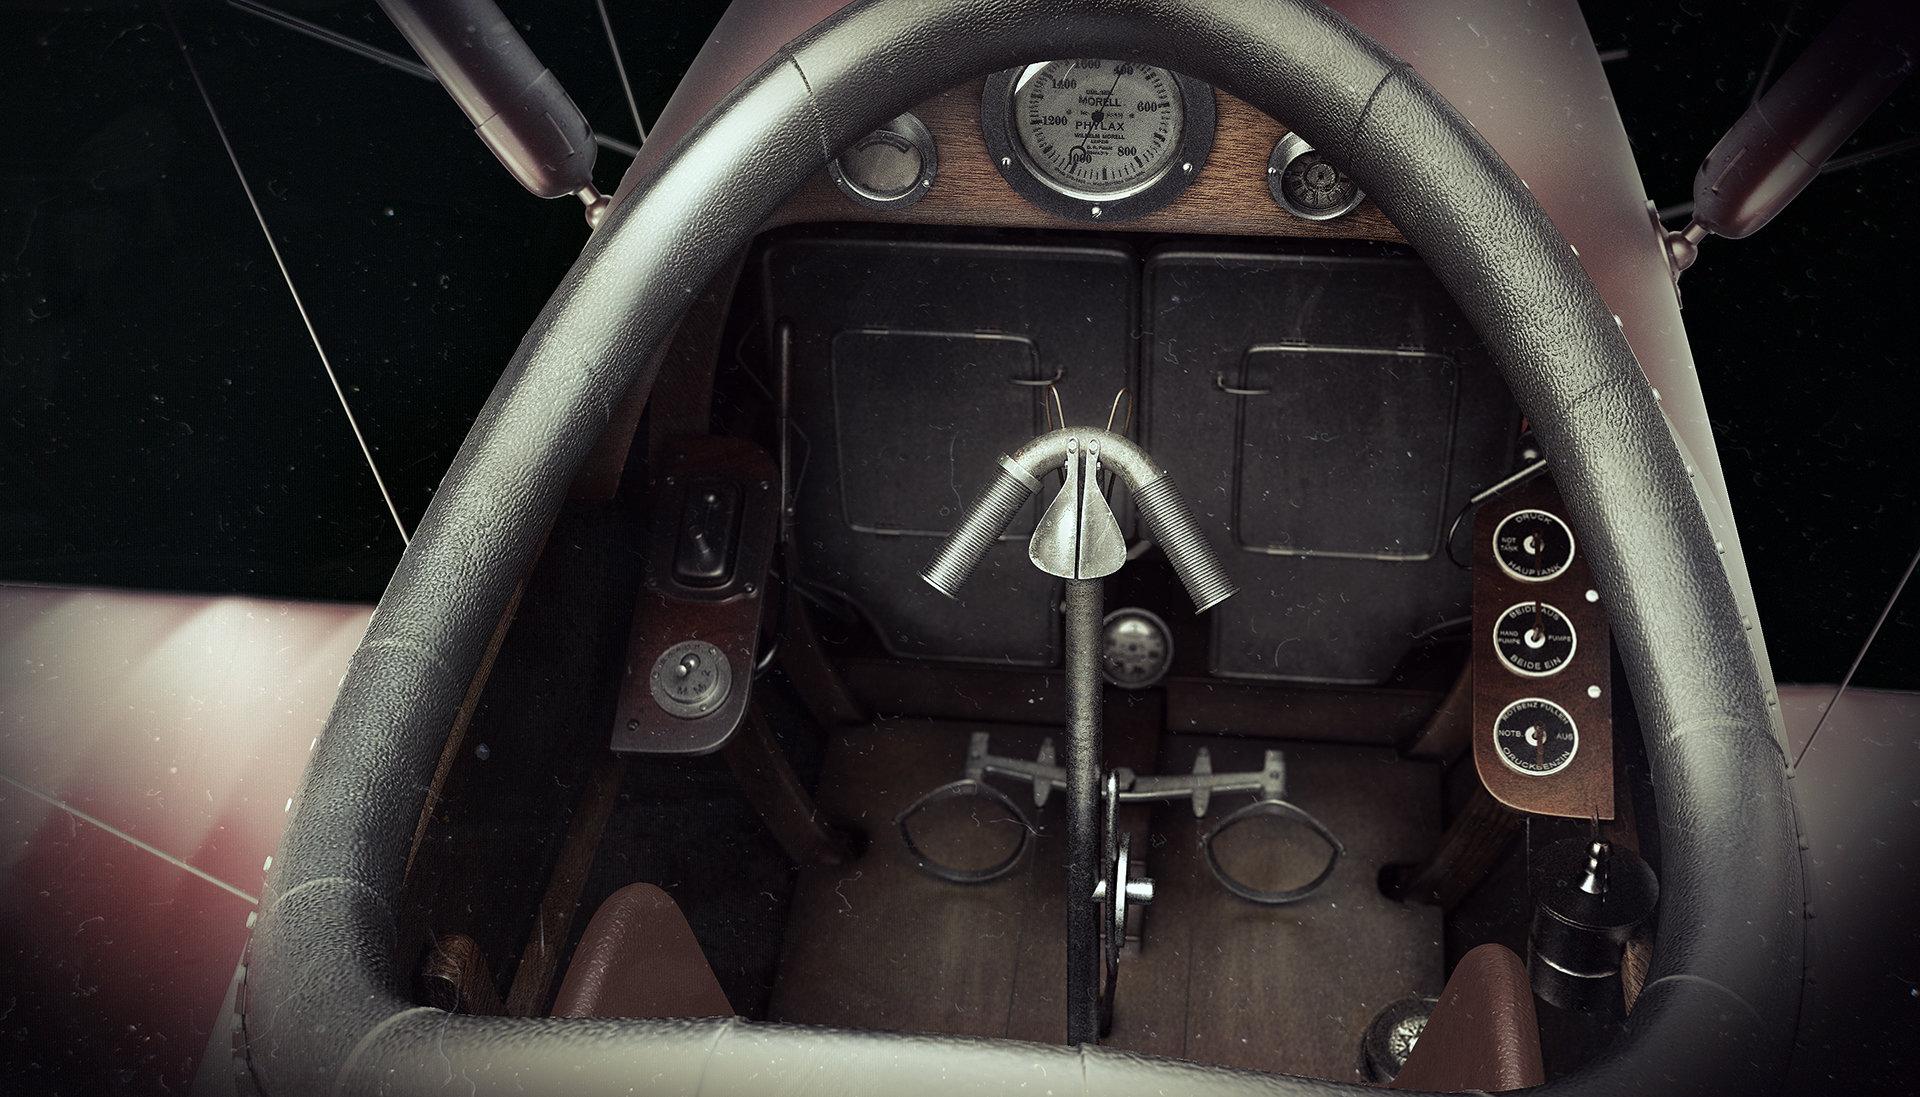 Alexandr novitskiy pfalz diii cockpit